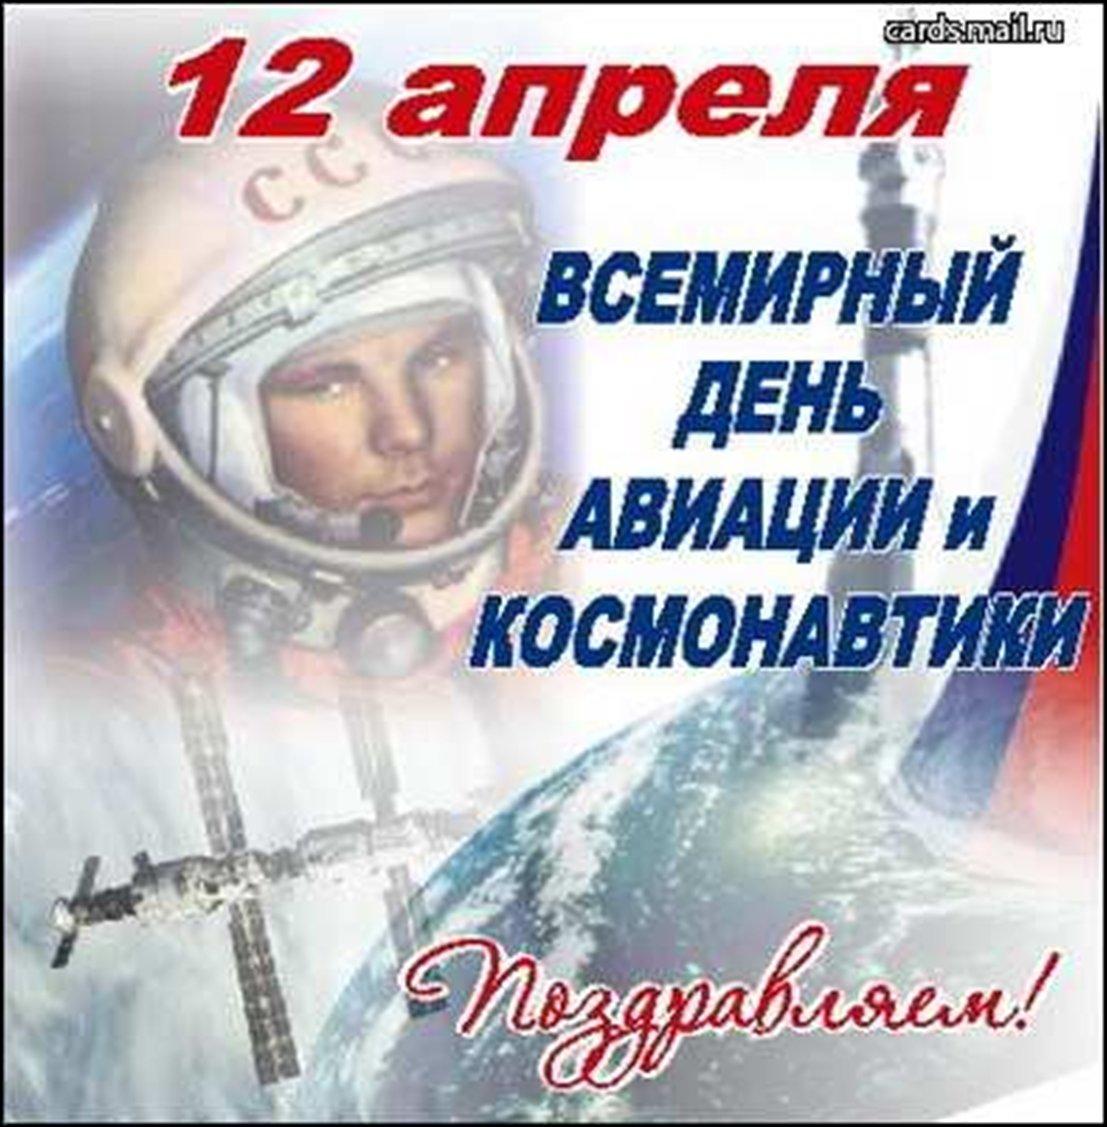 Анимацию, открытки с праздником день космонавтики